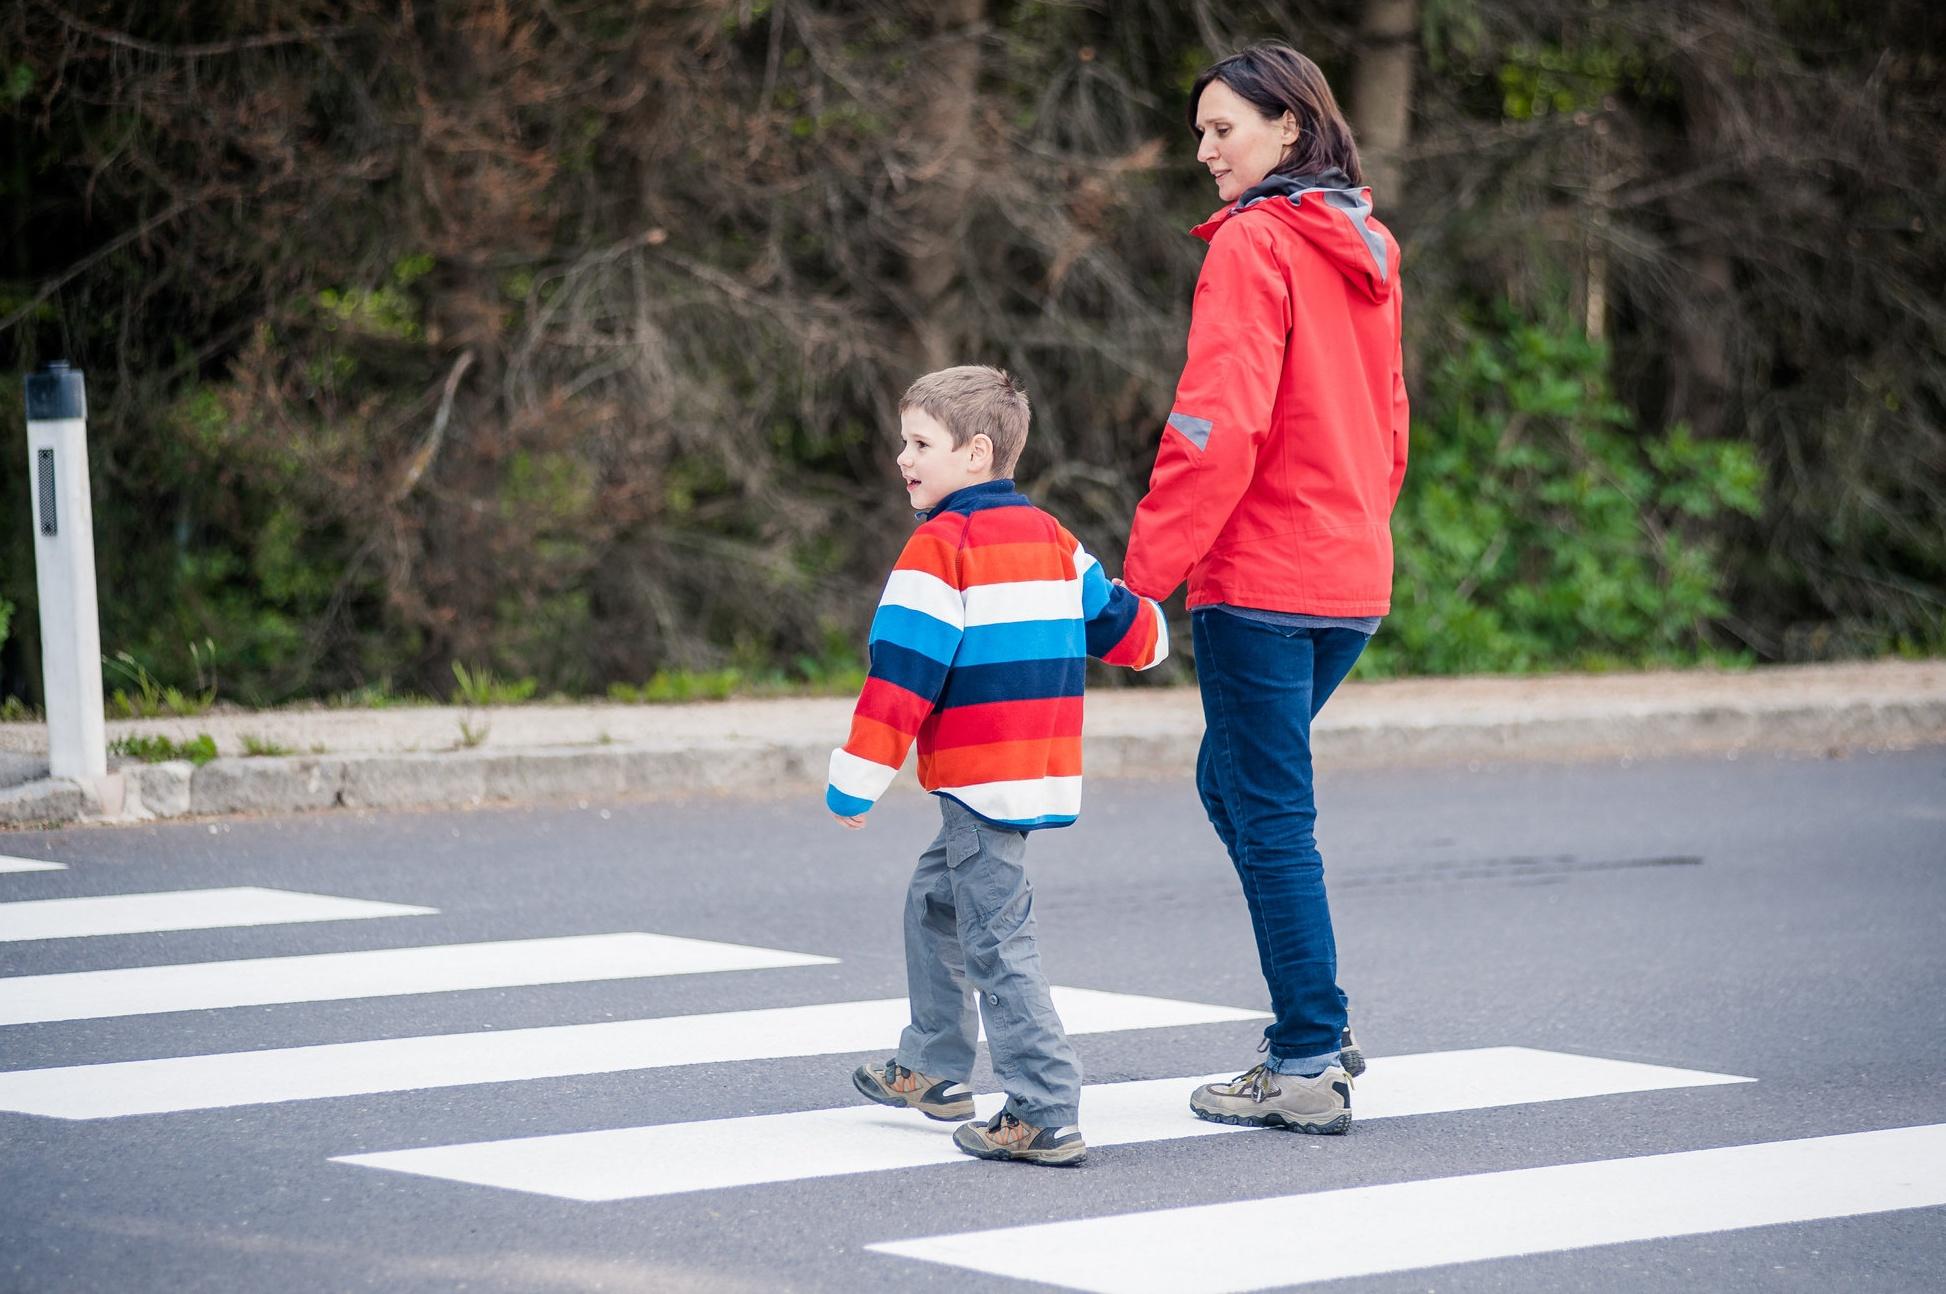 начинка боюст ходитт на улицу с ребенком создать бизнес